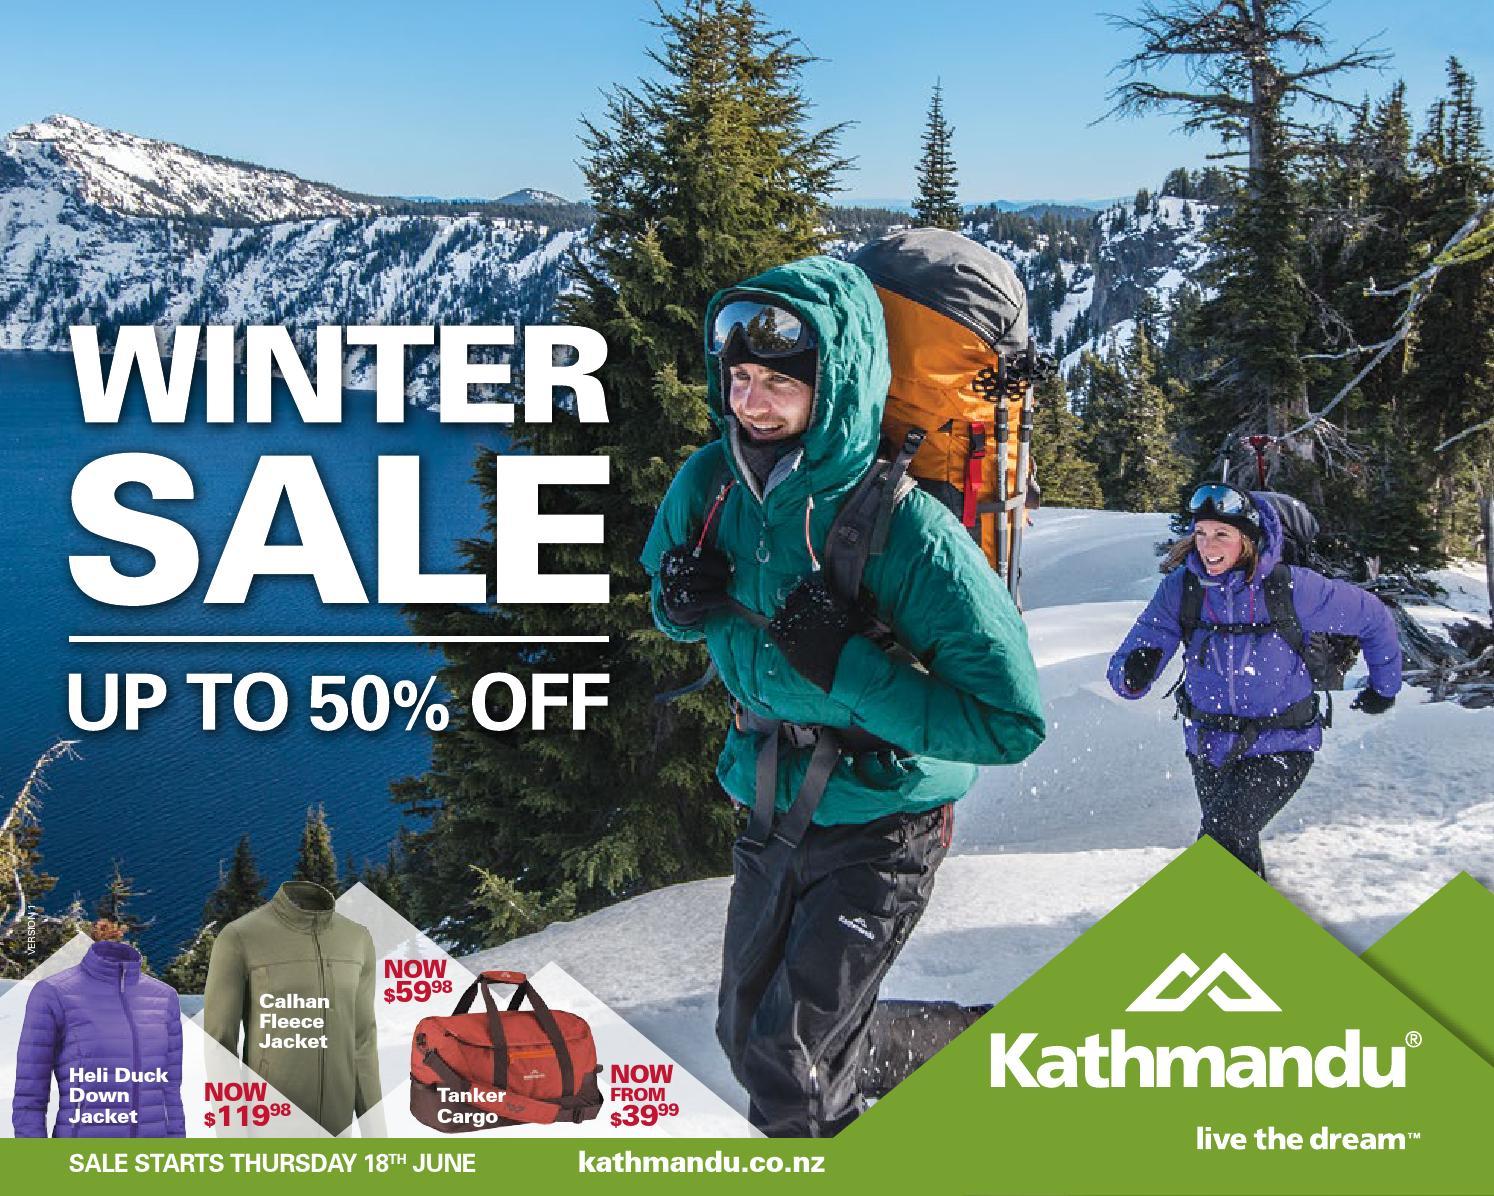 Winter Sale by Kiwi Property issuu